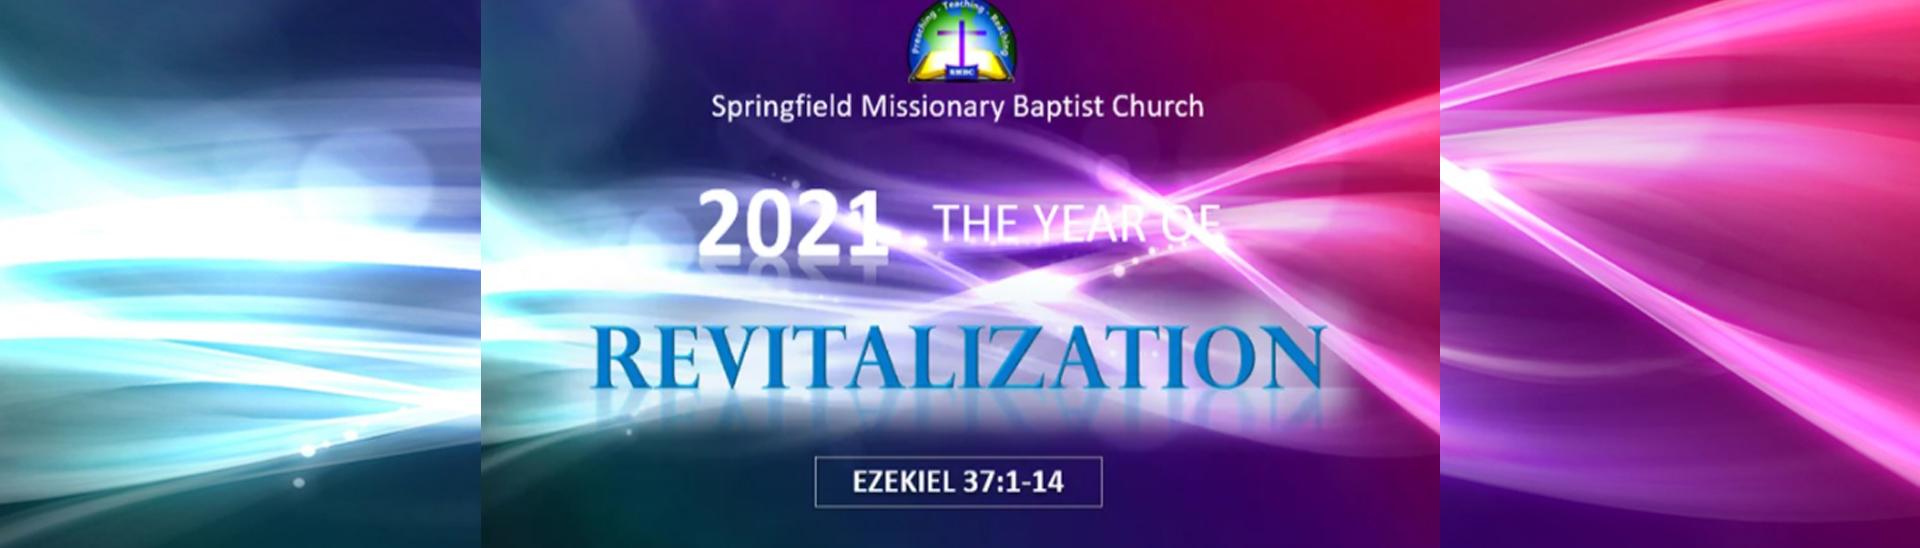 https://0201.nccdn.net/1_2/000/000/109/89f/revitalization-cover.jpg